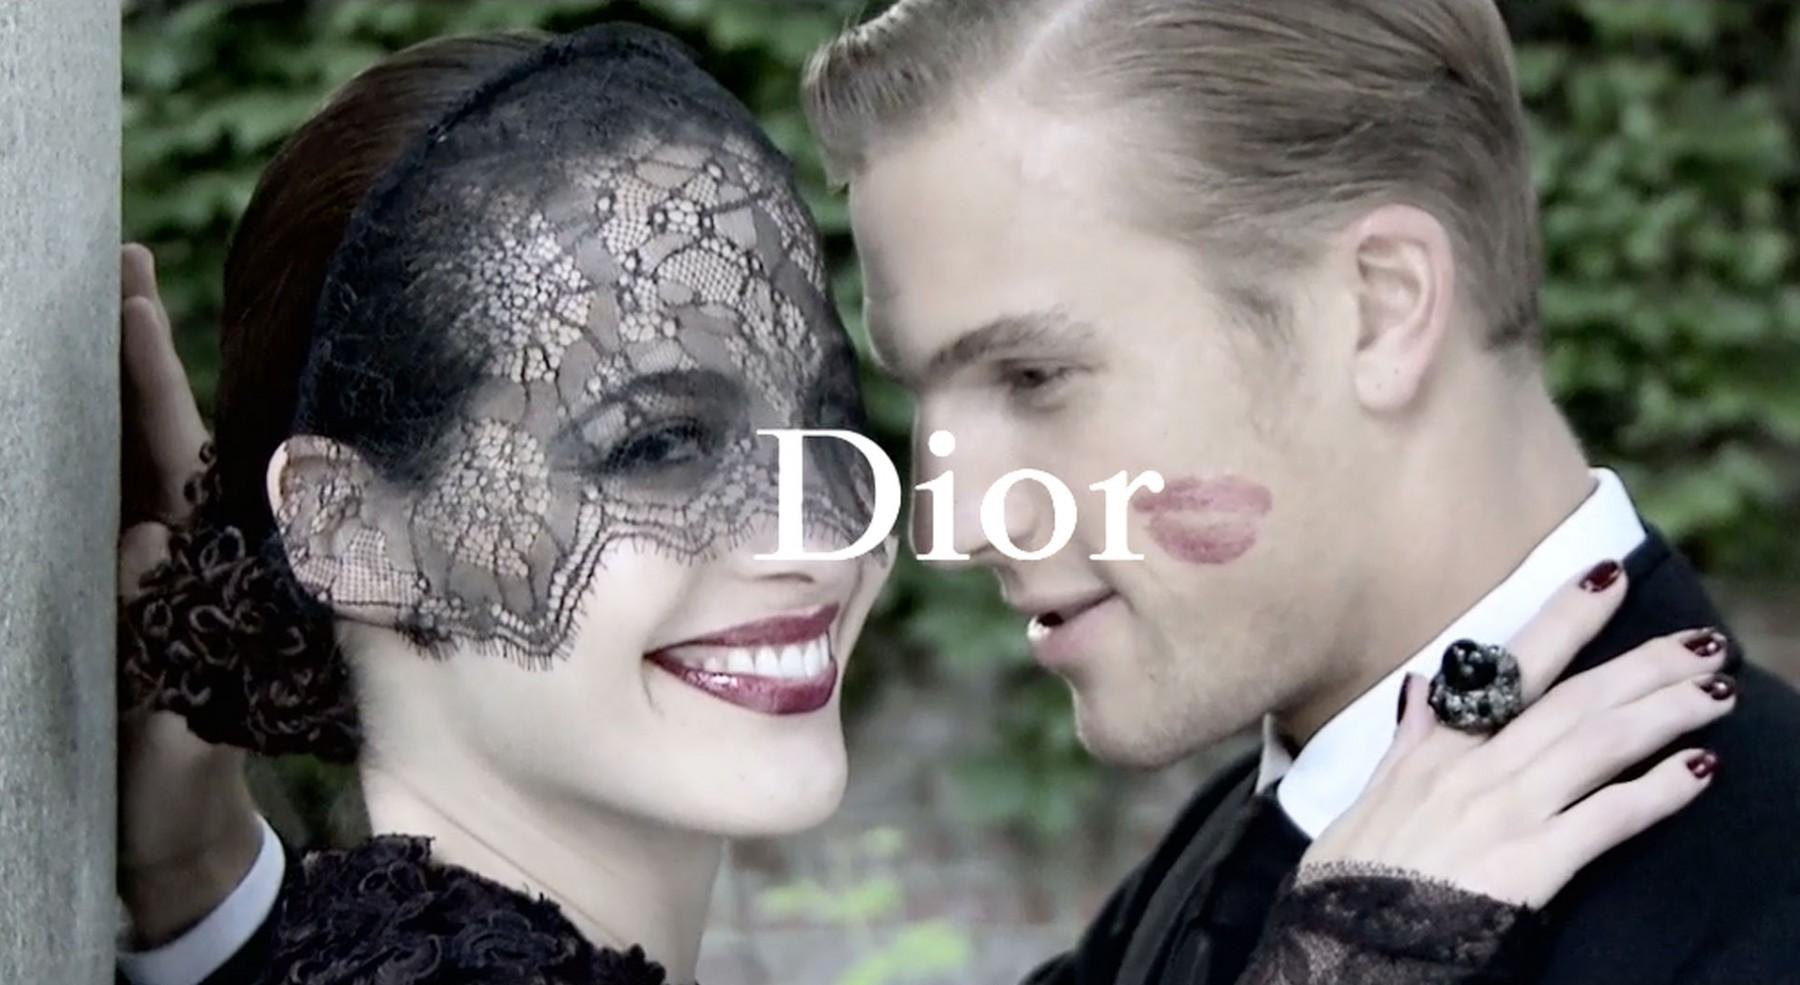 dior-shot1